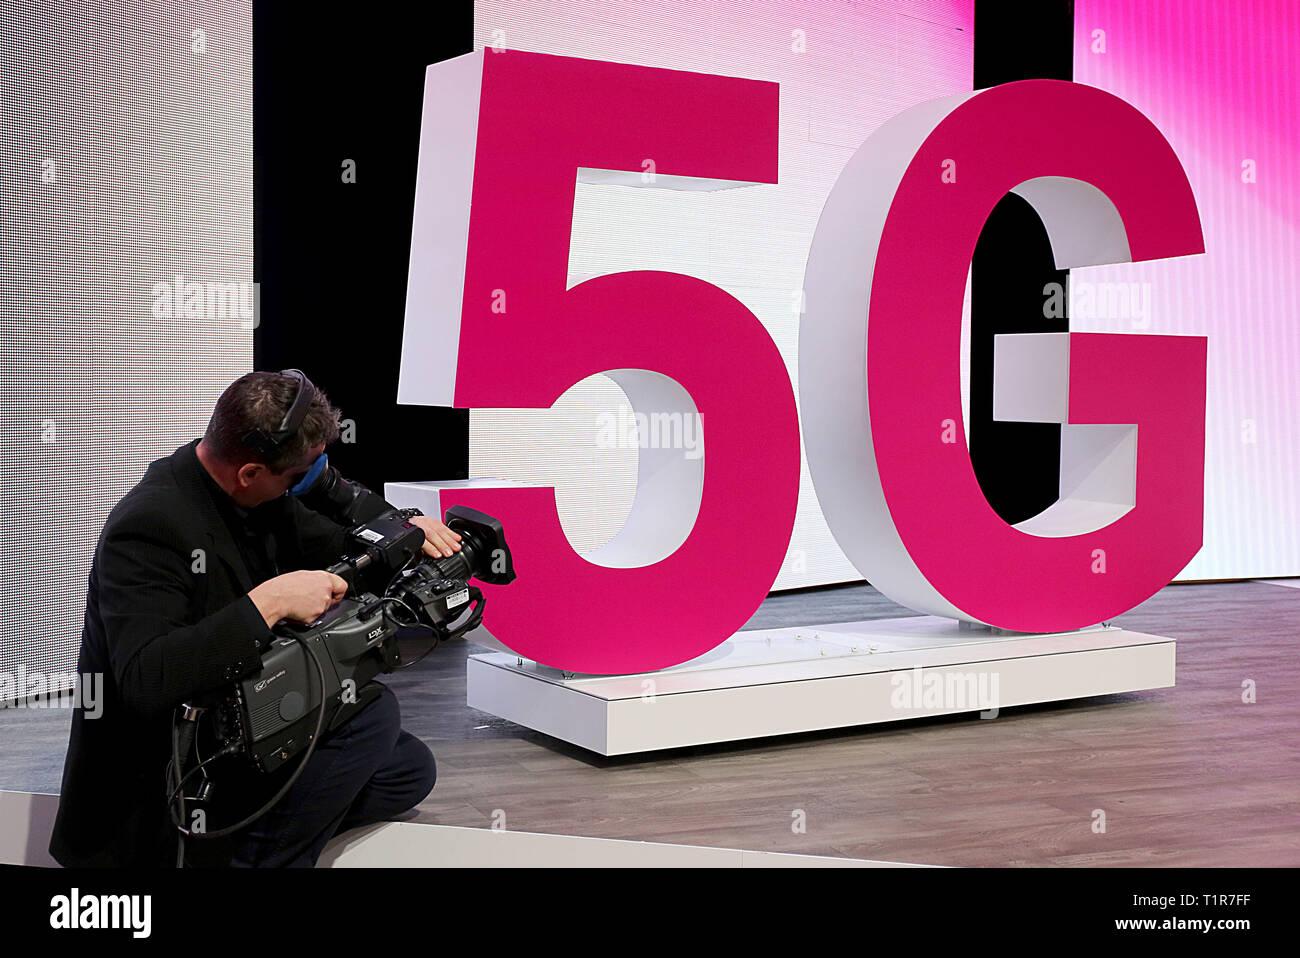 Bonn Deutschland 28 März 2019 Ein Kameramann Filmen Eine 5 G